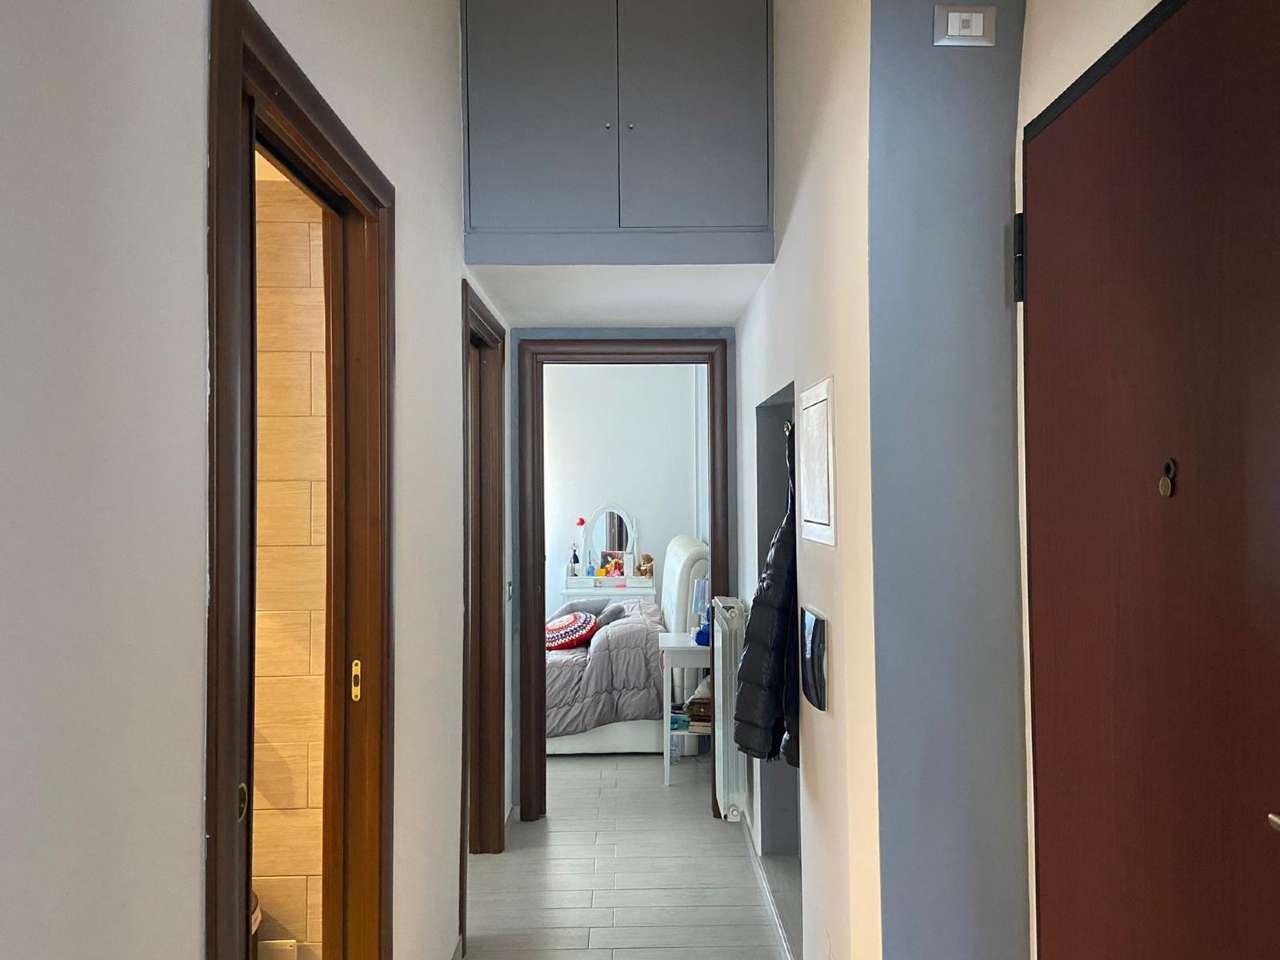 Appartamento, Viale degli Alimena, Centro, Cosenza, foto 7